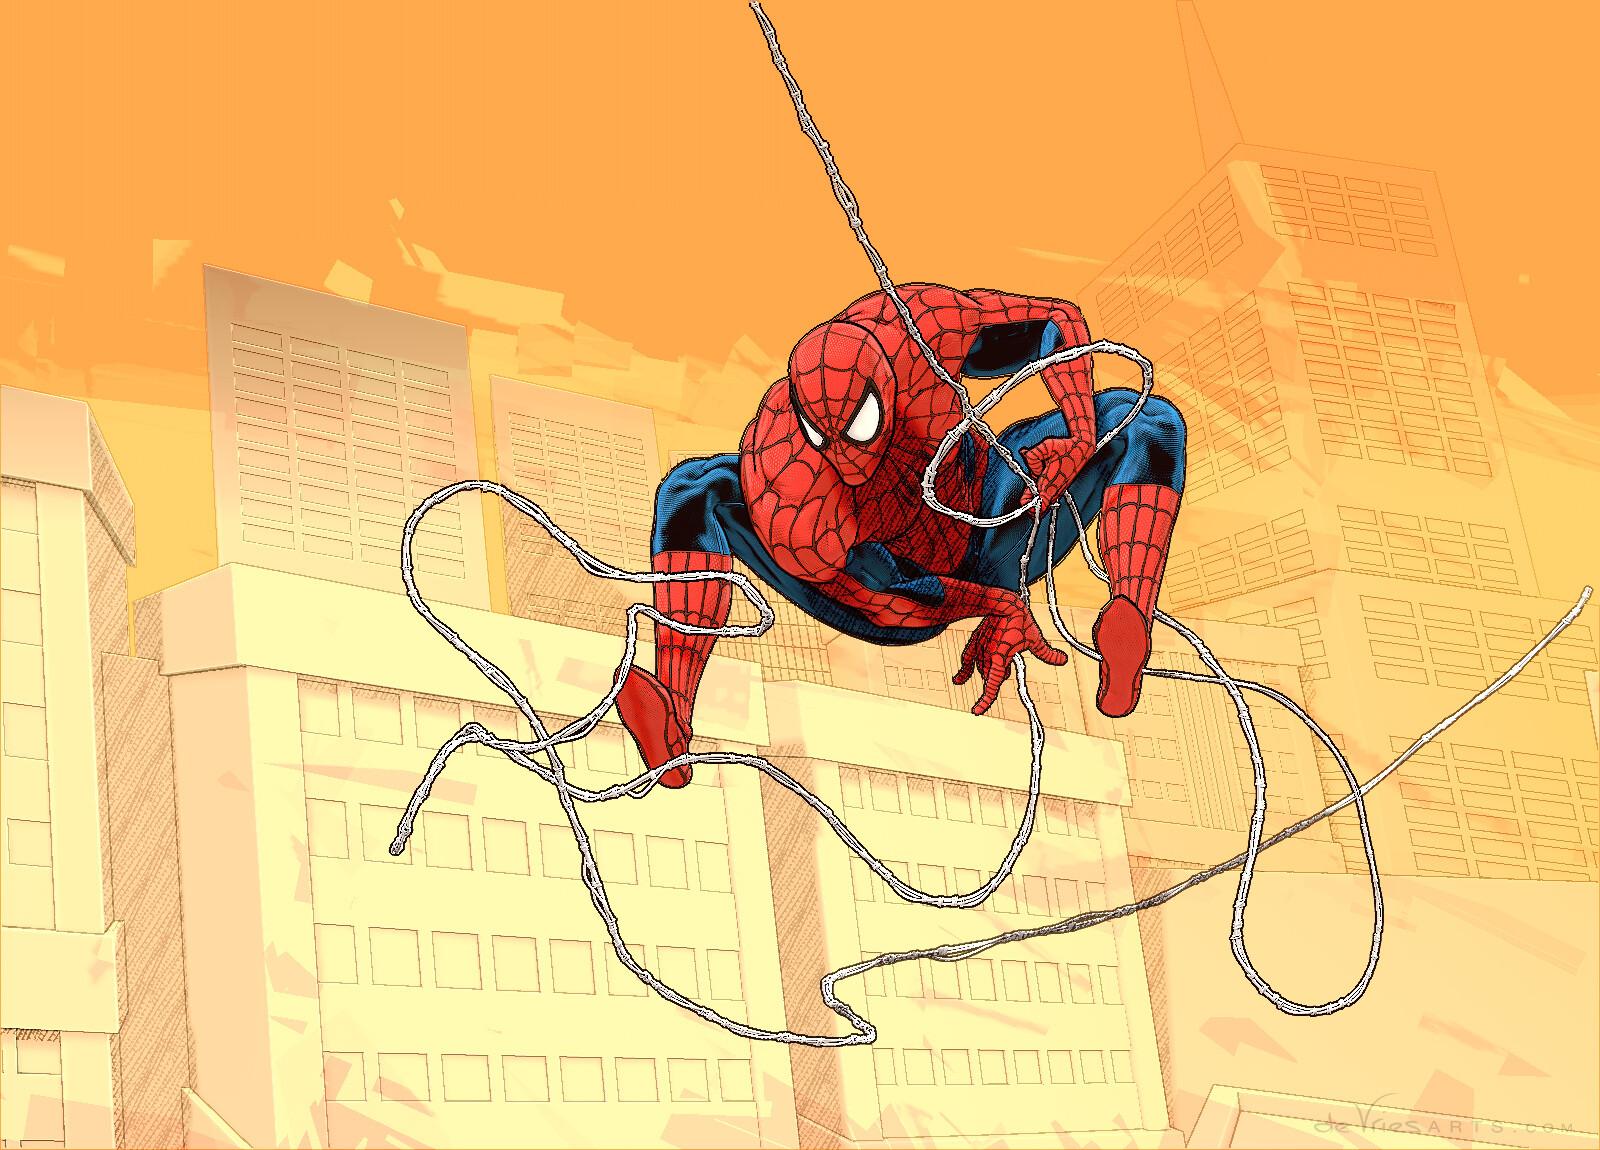 Thijs de vries city2b spiderman thijsdevries devriesarts